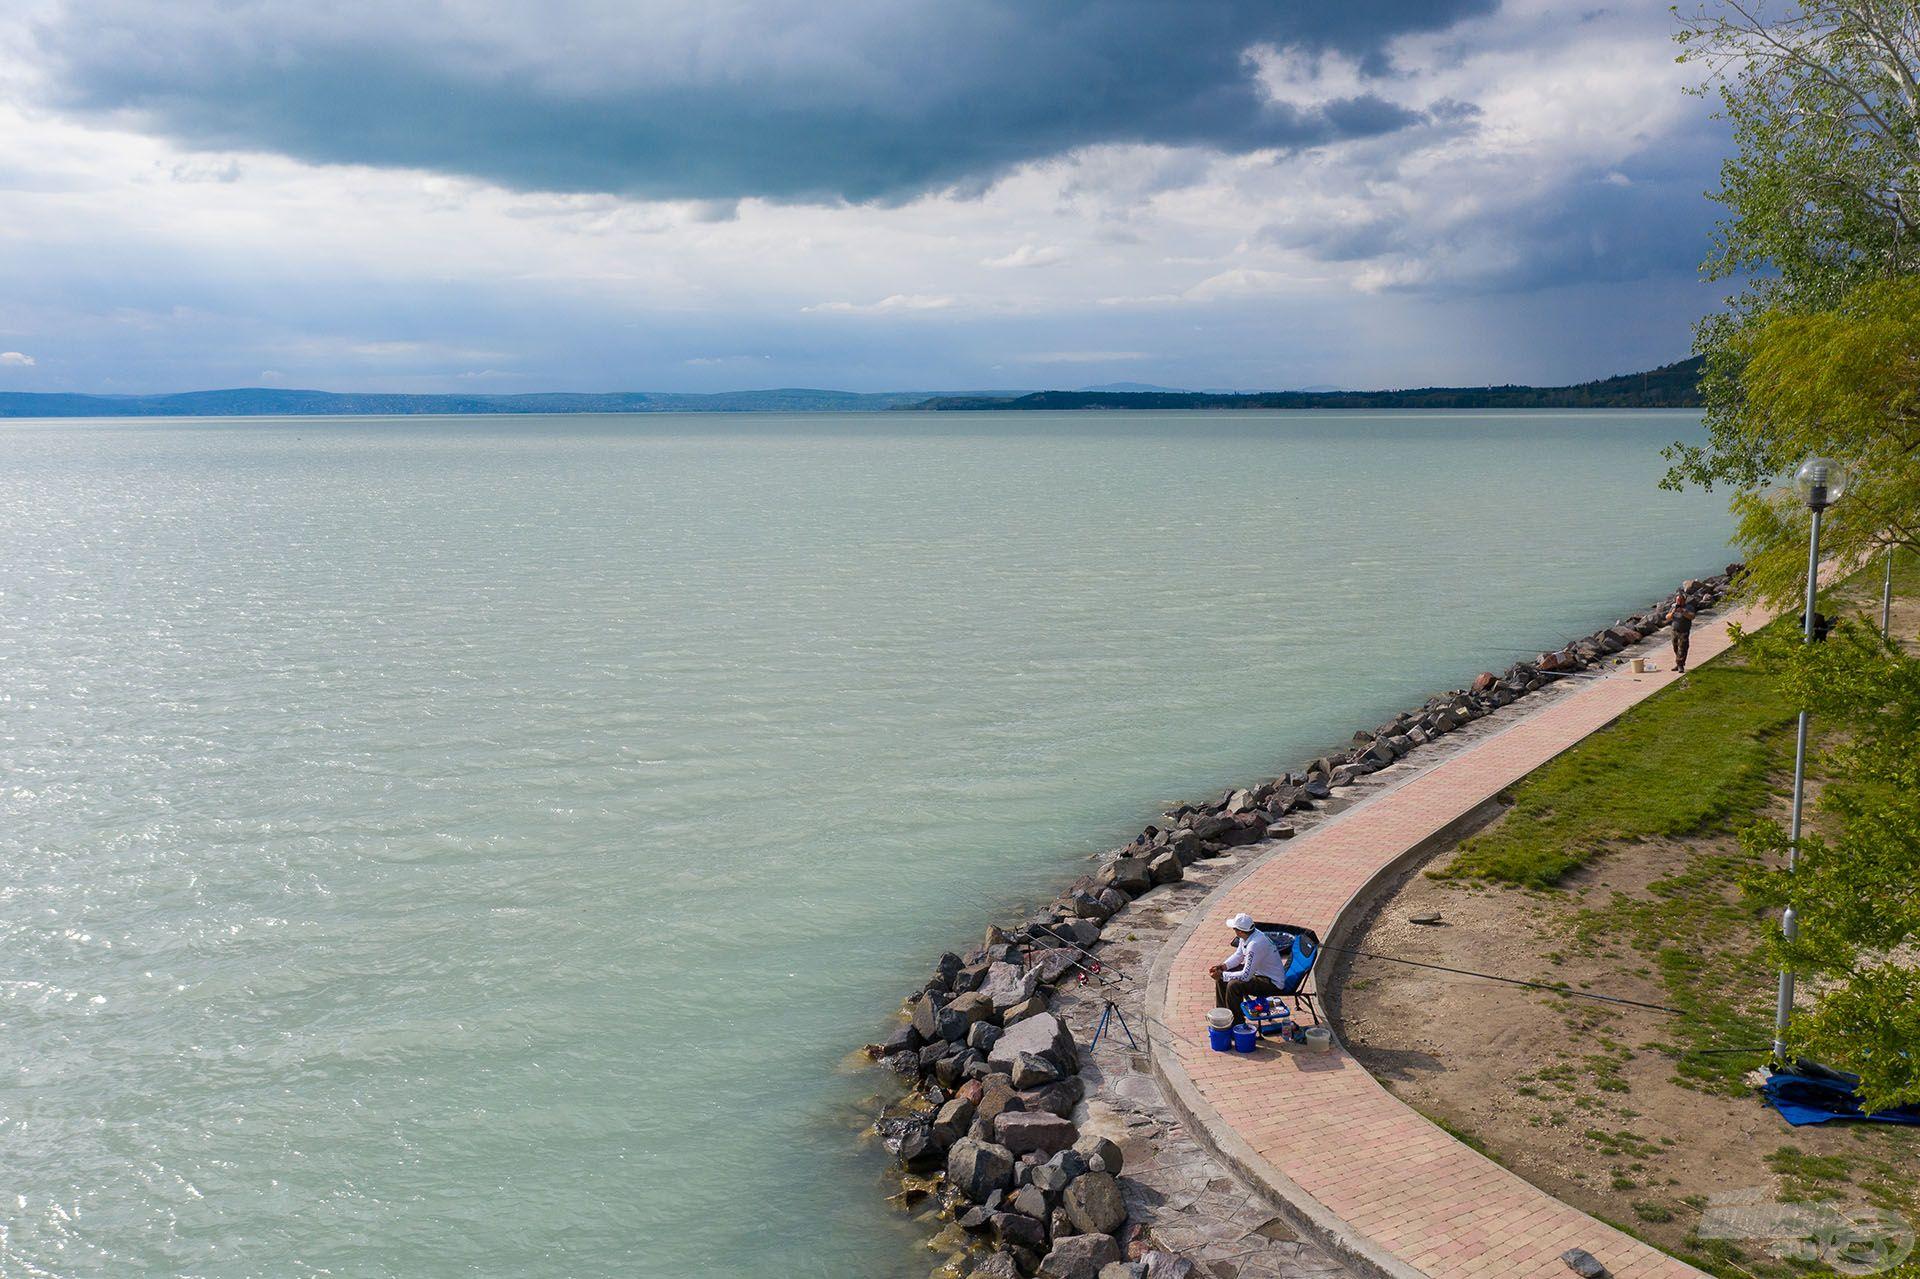 A Gumirádli szabadstrandon horgásztam, amely a környék egyik legnépszerűbb horgászhelye